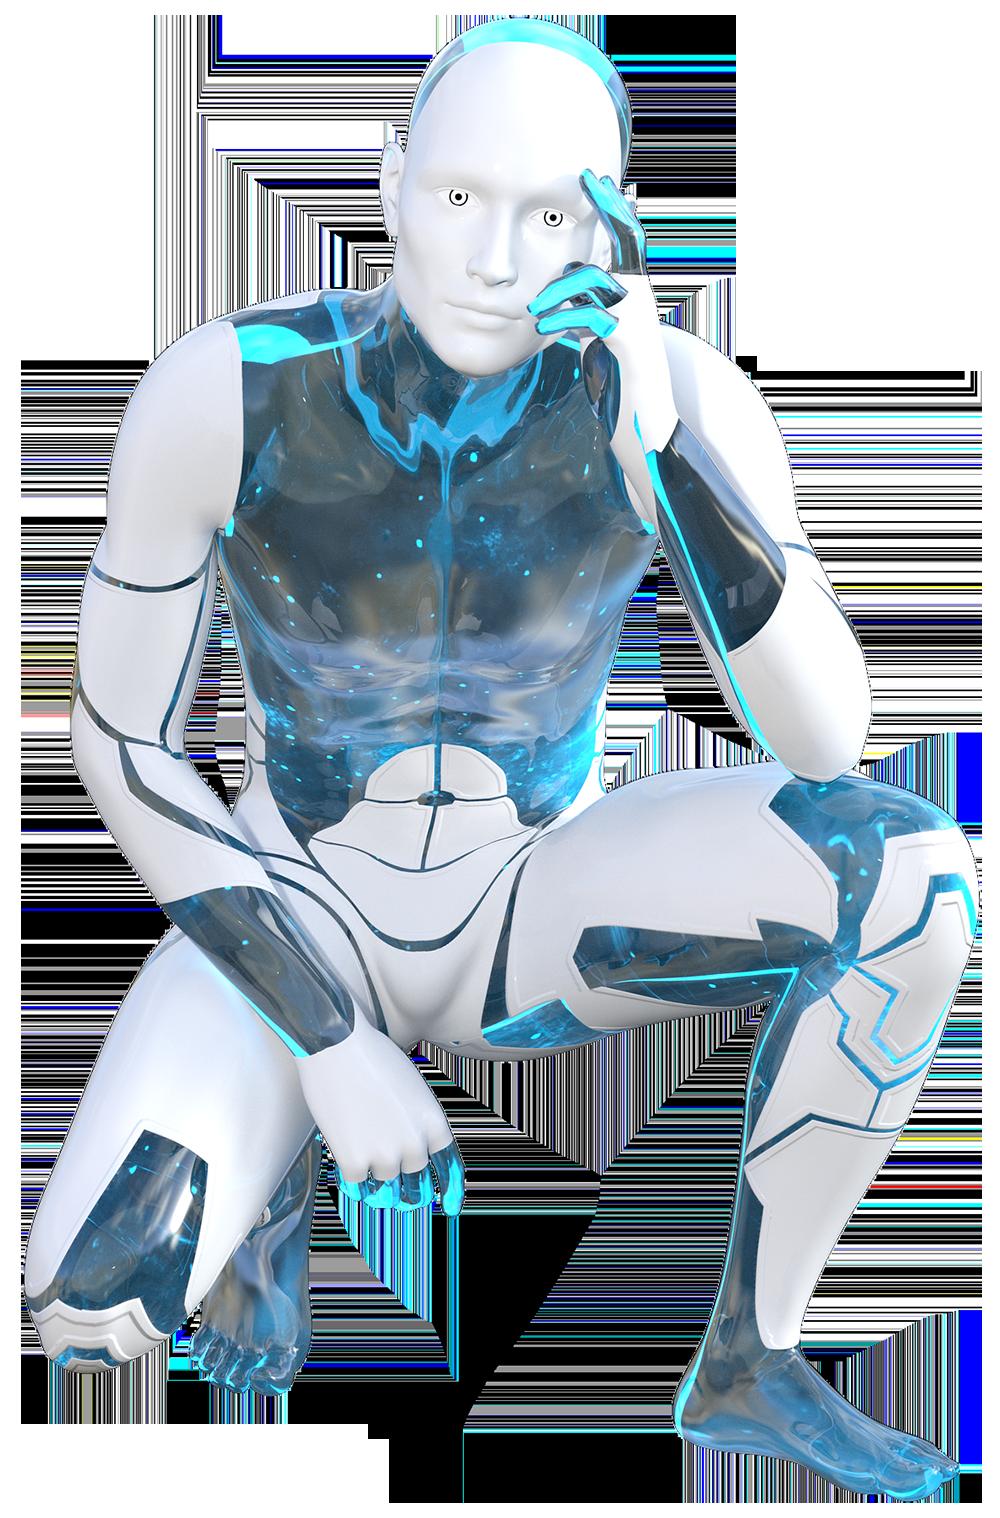 roboter sophia verhalten